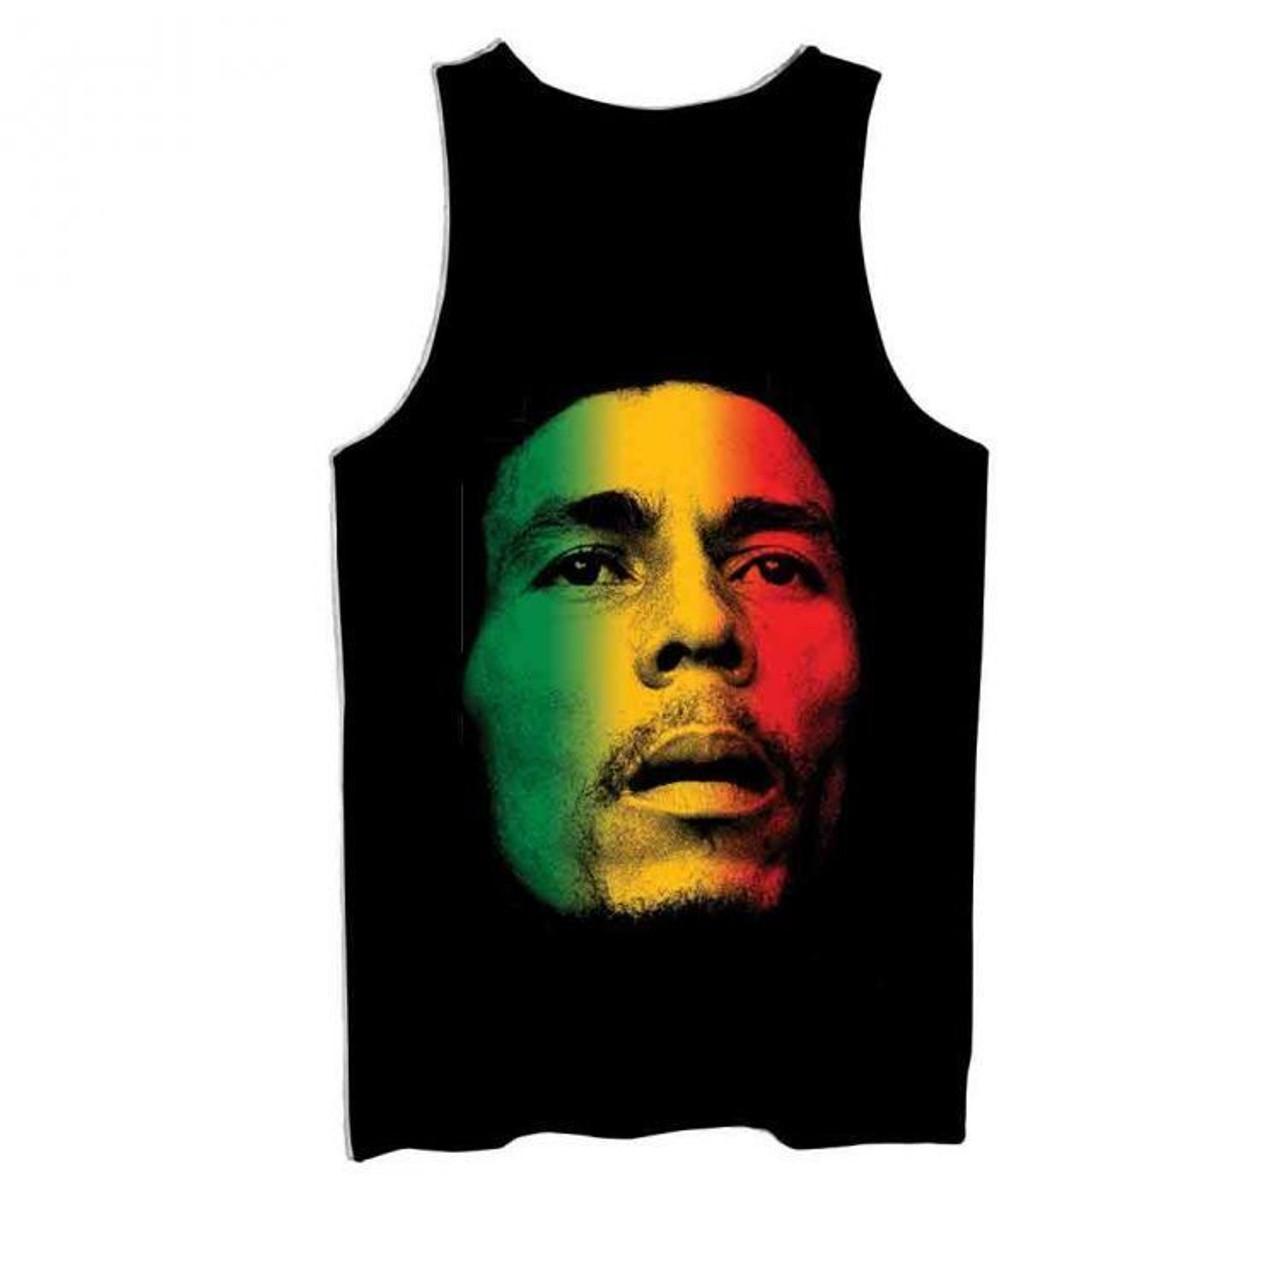 f93841a97f Zion RootsWear Bob Marley Legacy Bars Blk Music Reggae Rasta Mens Tank  ZRBM1116 - Fearless Apparel